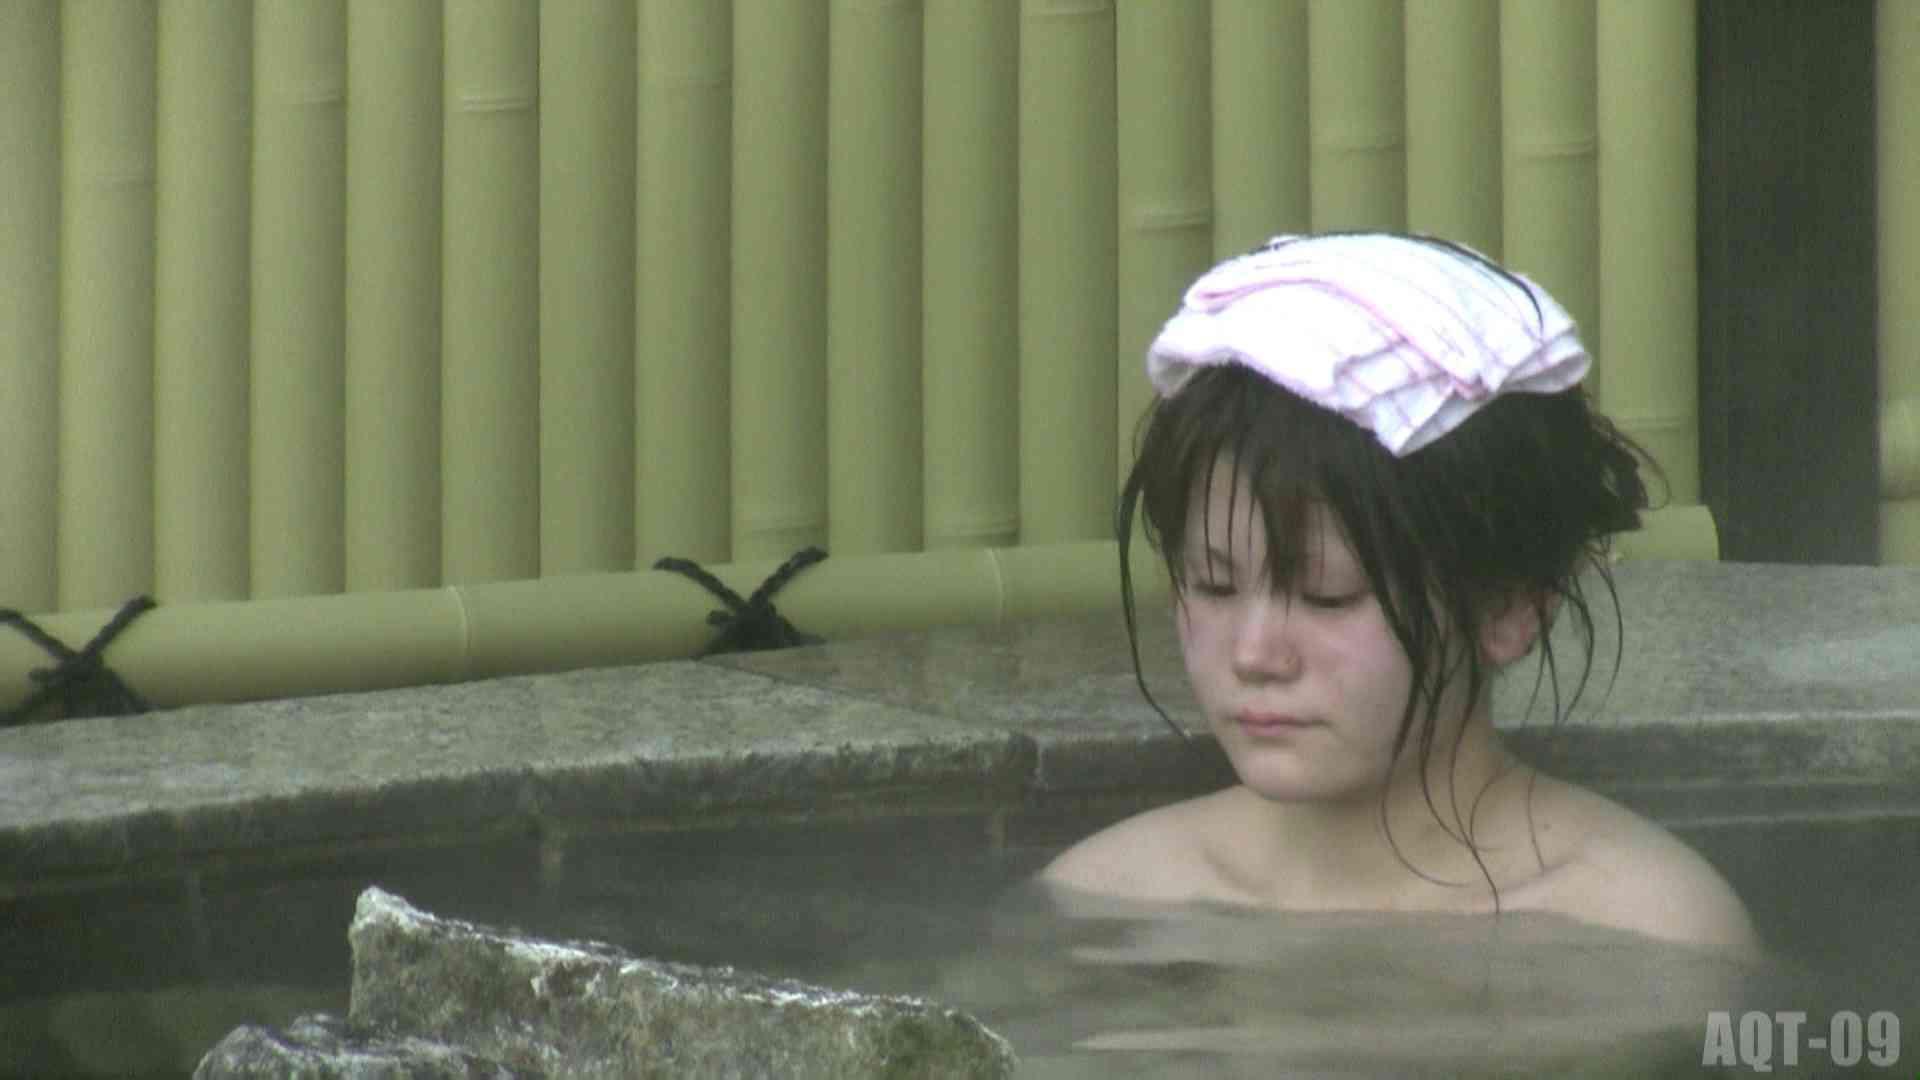 Aquaな露天風呂Vol.789 盗撮シリーズ  96PIX 14